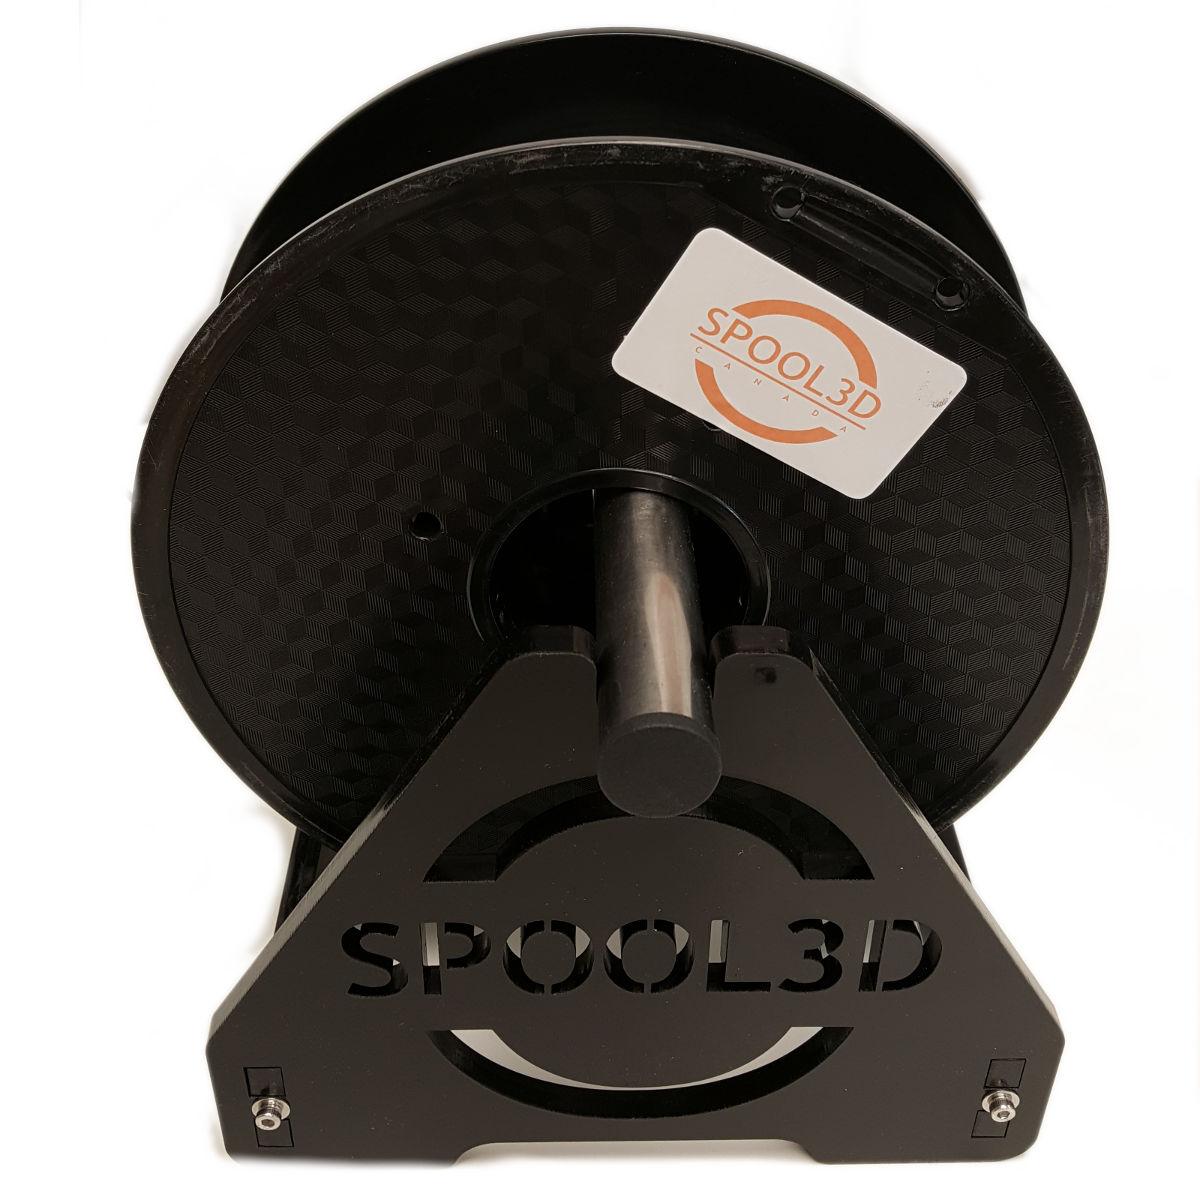 Spool3d Filament Spool Holder 3D Printing Canada